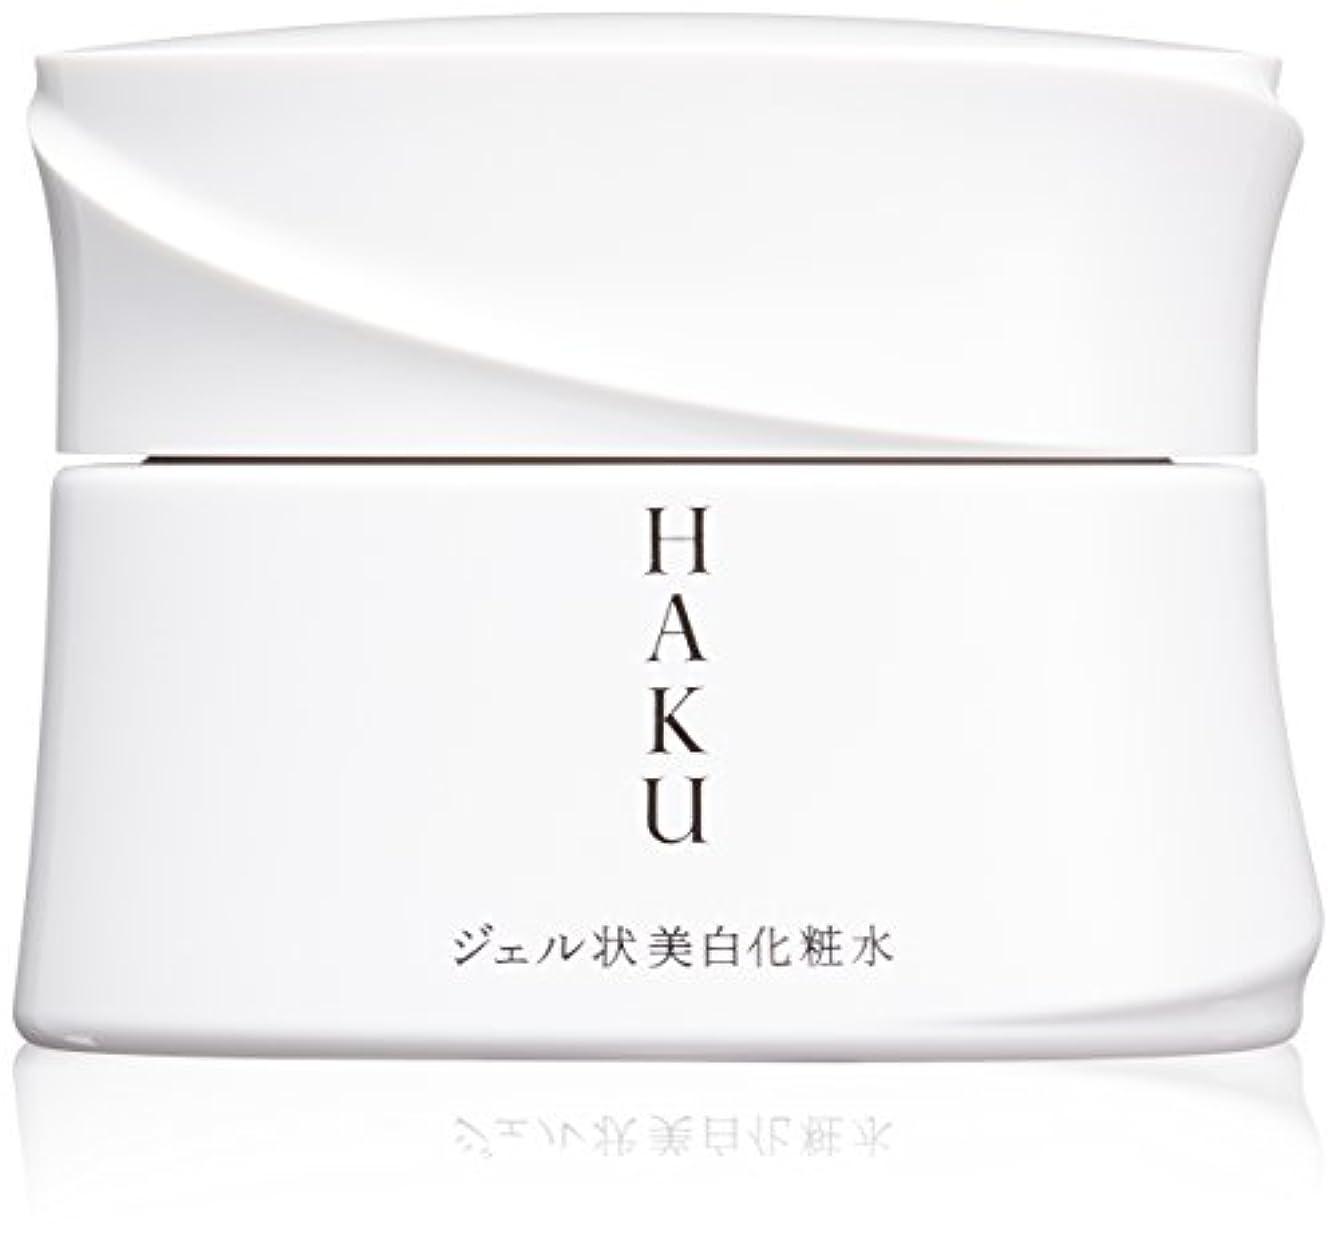 カッター目覚める放つHAKU メラノディープモイスチャー 美白化粧水 100g 【医薬部外品】